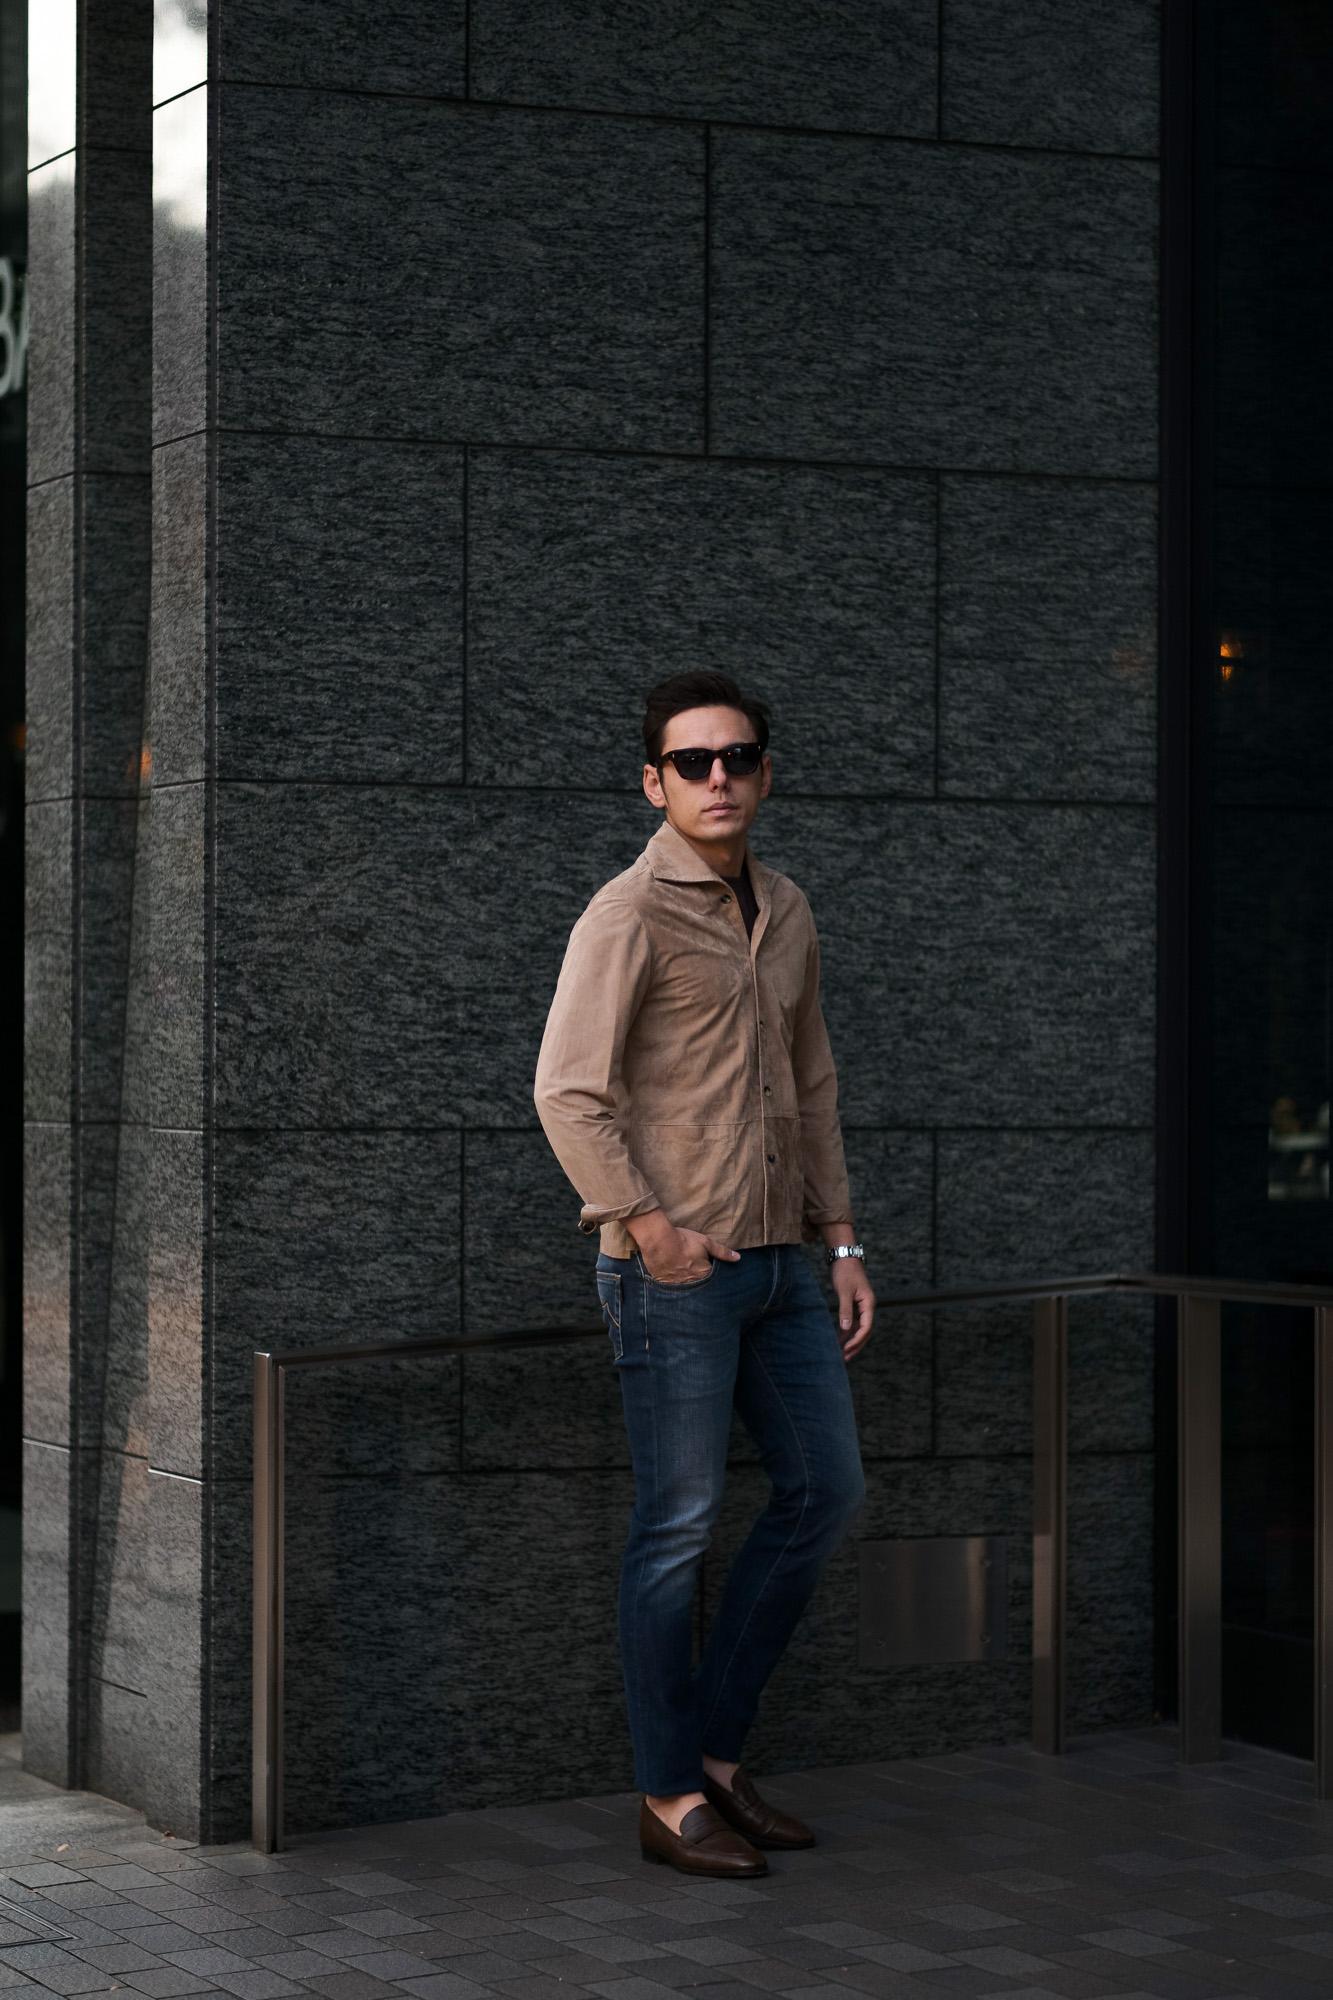 Alfredo Rifugio (アルフレード リフージオ) 20E326HM CAMOSCIO Summer Suede Leather Shirts サマースウェード レザーシャツ BEIGE(ベージュ) made in italy (イタリア製) 2020 春夏 【ご予約受付中】 alfredorifujio アルフレードリフージオ 愛知 名古屋 Alto e Diritto アルト エ デリット alto e diritto アルトエデリット レザージャケット 素肌にレザー 42,44,46,48,50,52